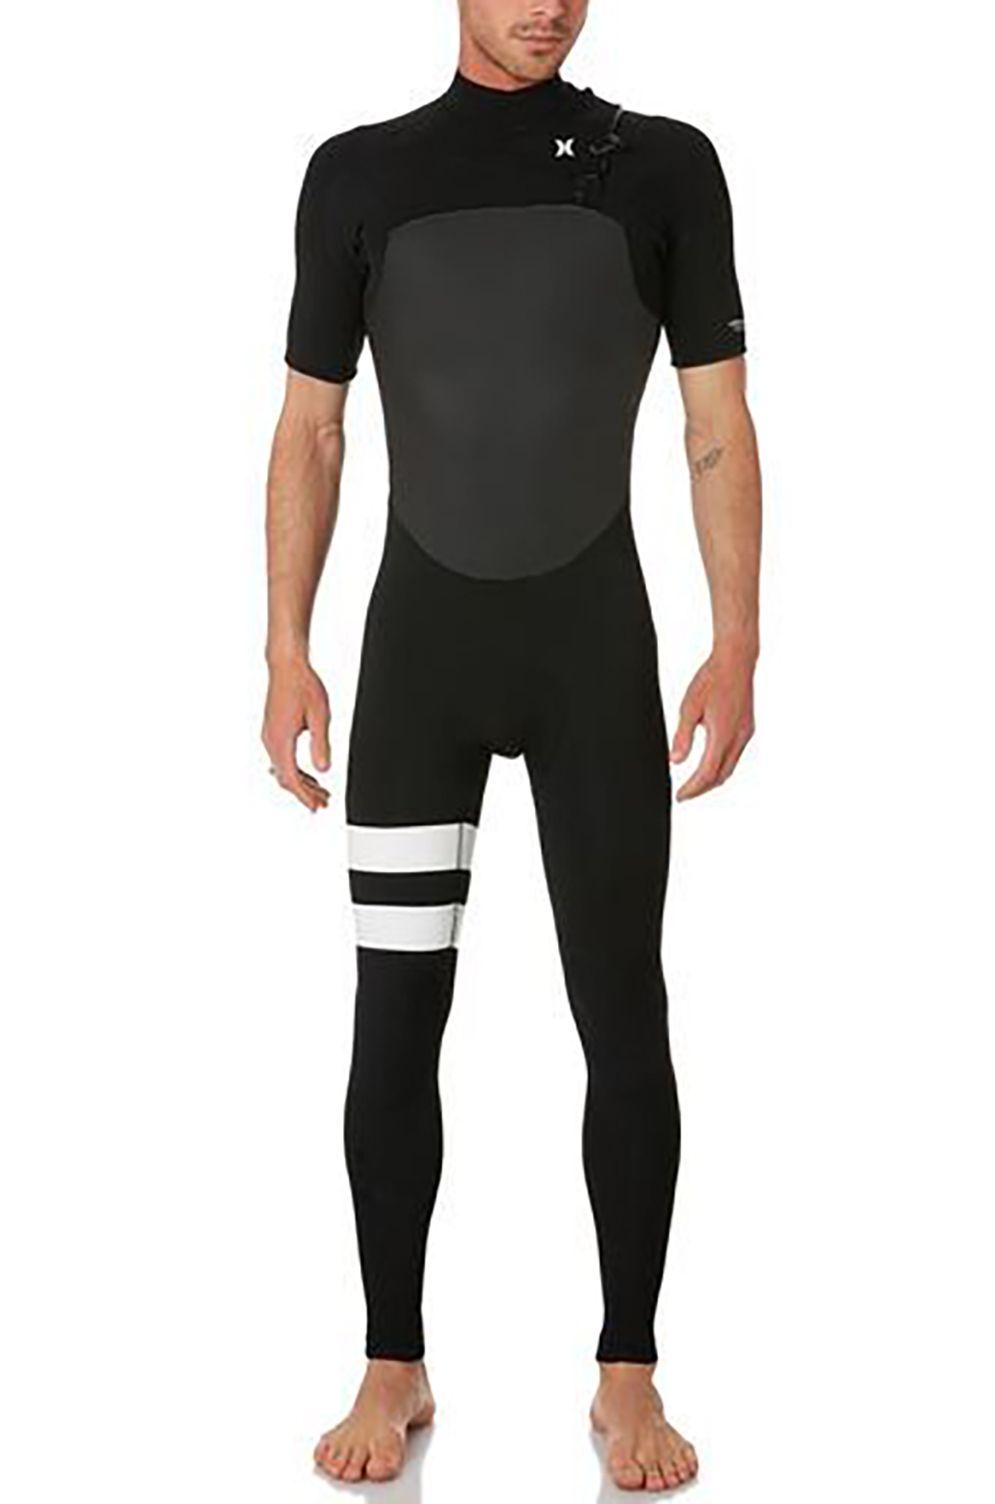 Hurley Wetsuit ADVTG PLUS 2/2 SS FULLSUIT Black